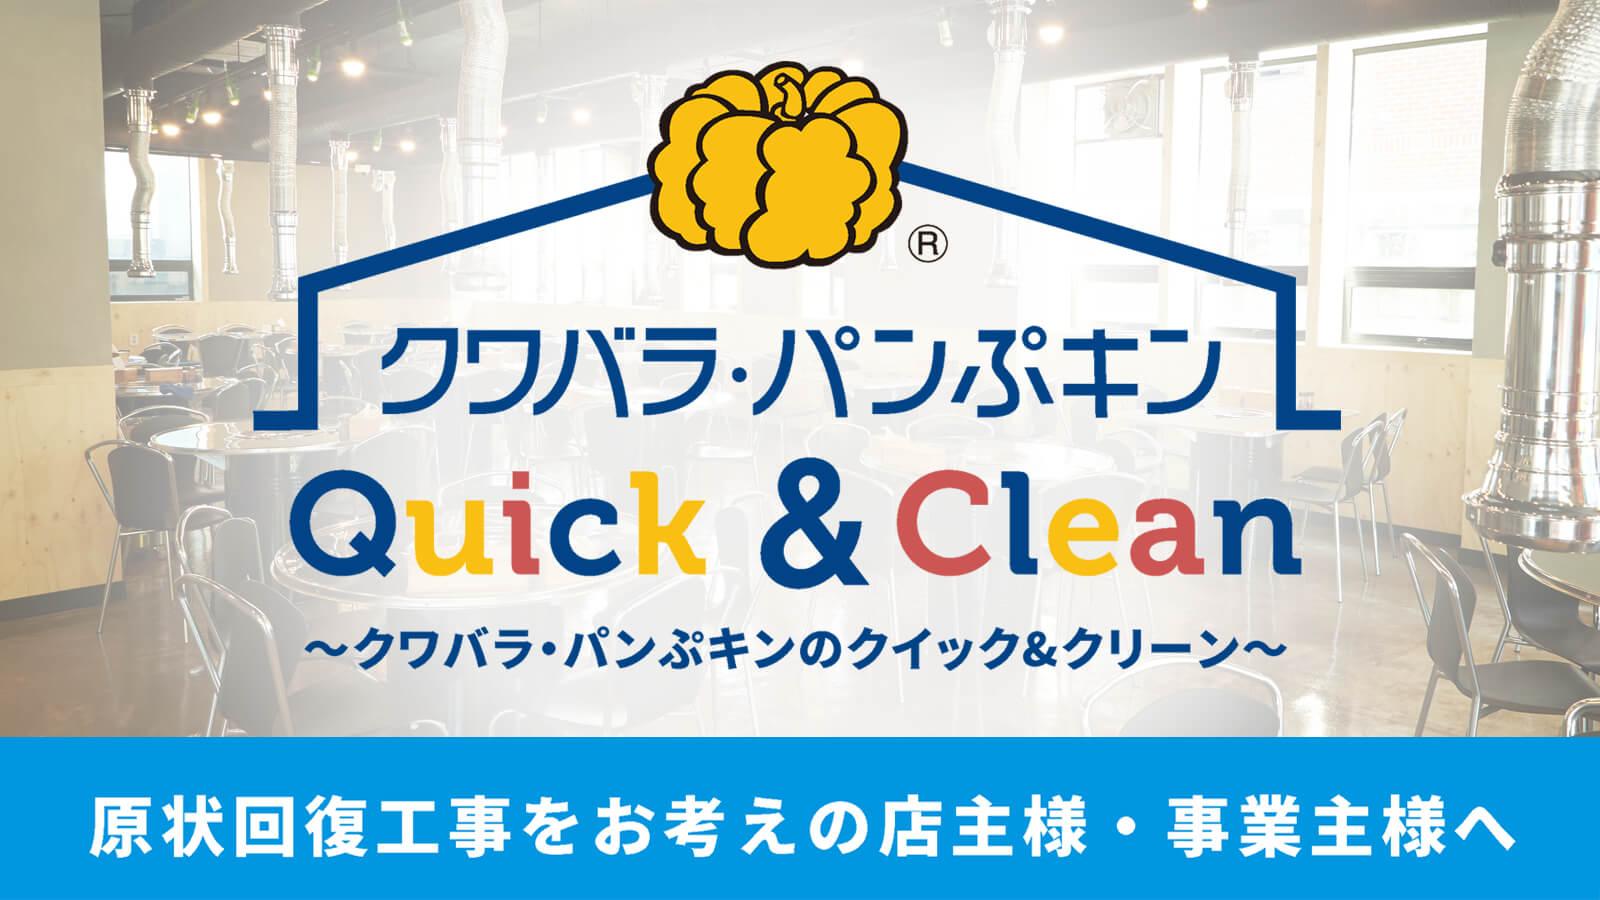 現状回復工事 クワバラ・パンぷキンの「クイック&クリーン・プロフェッショナル」